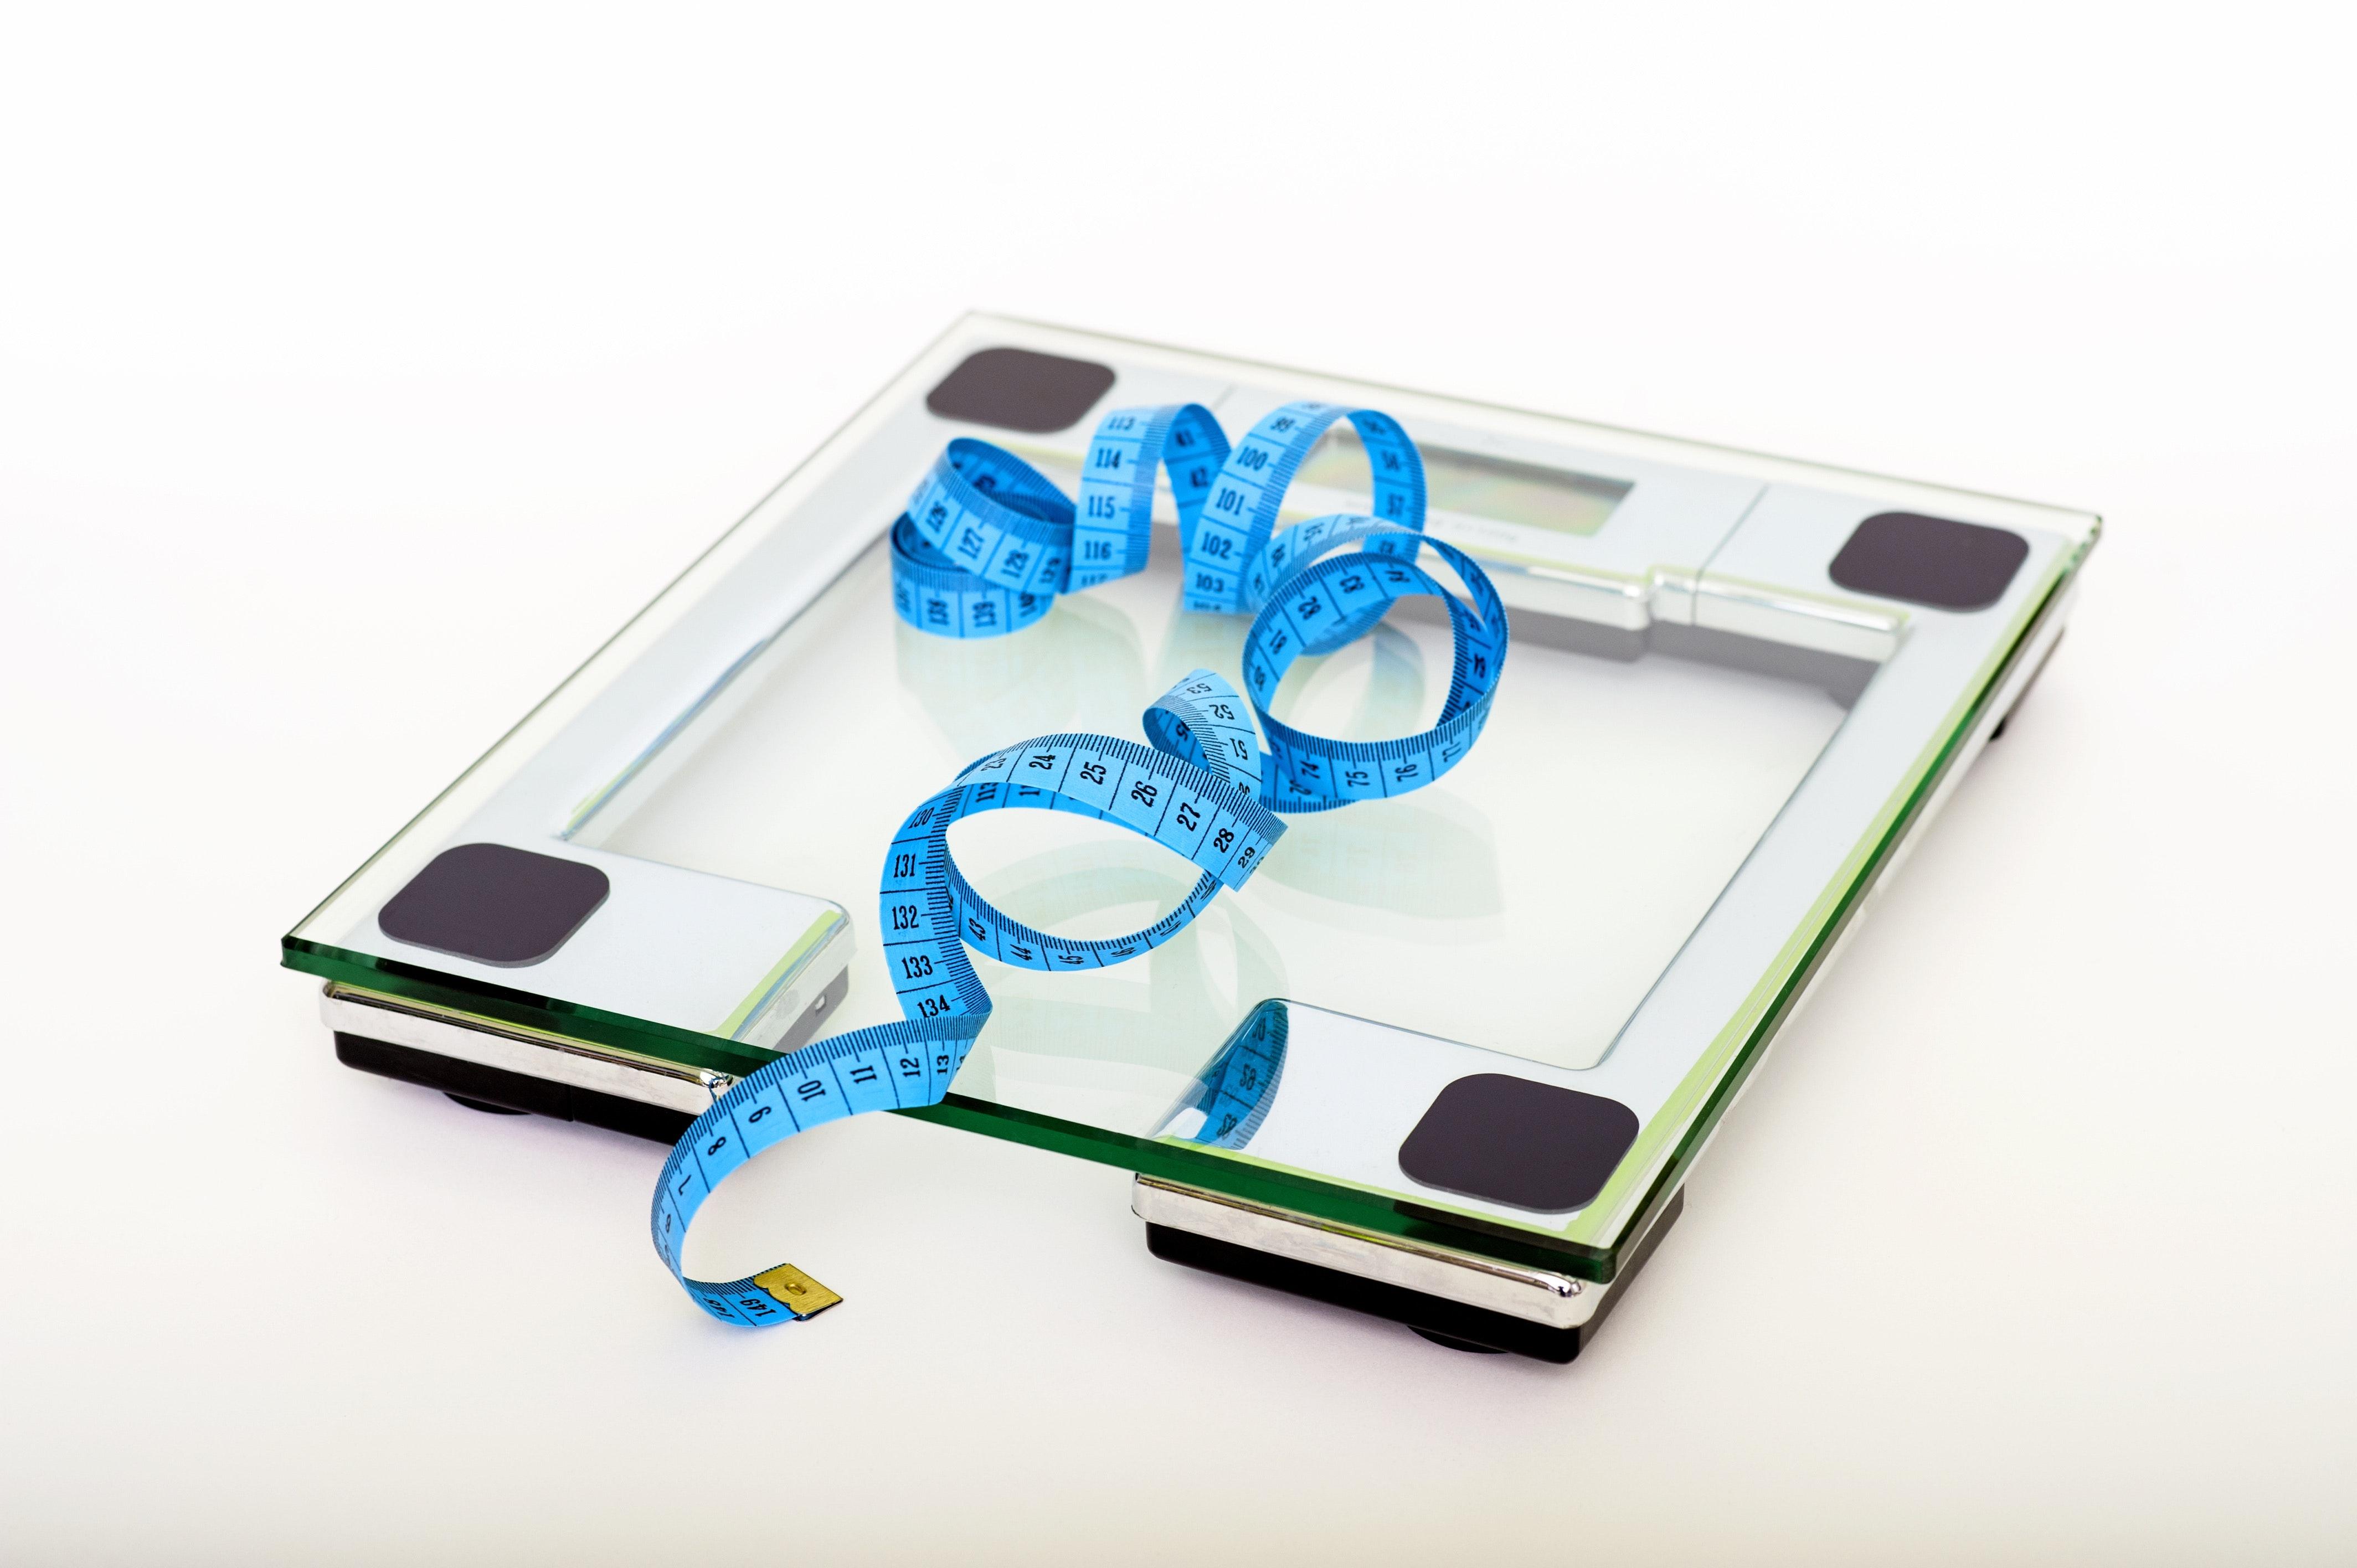 Low Carb ⏩ Zuckerfrei ✅ verbessern Ihre Gesundheit ✅ helfen beim Abnehmen